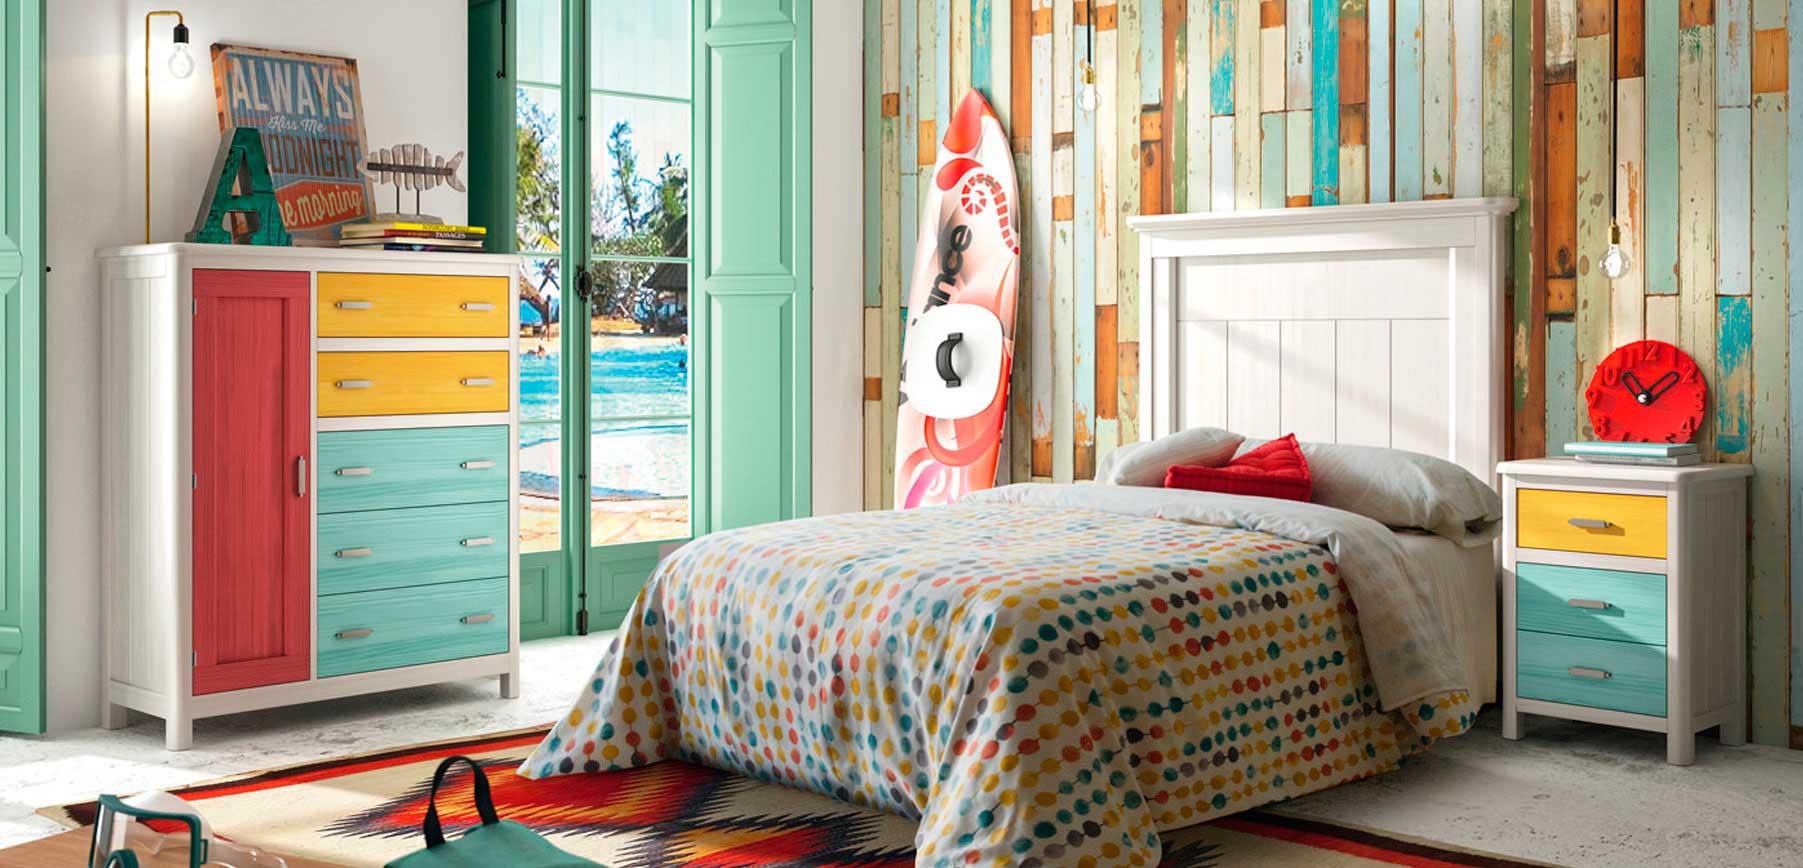 Muebles GRUPOSEYS - Muebles de Comedor, Dormitorios y Juveniles | Furniture | Meubles | мебель seys-5-optim Inicio